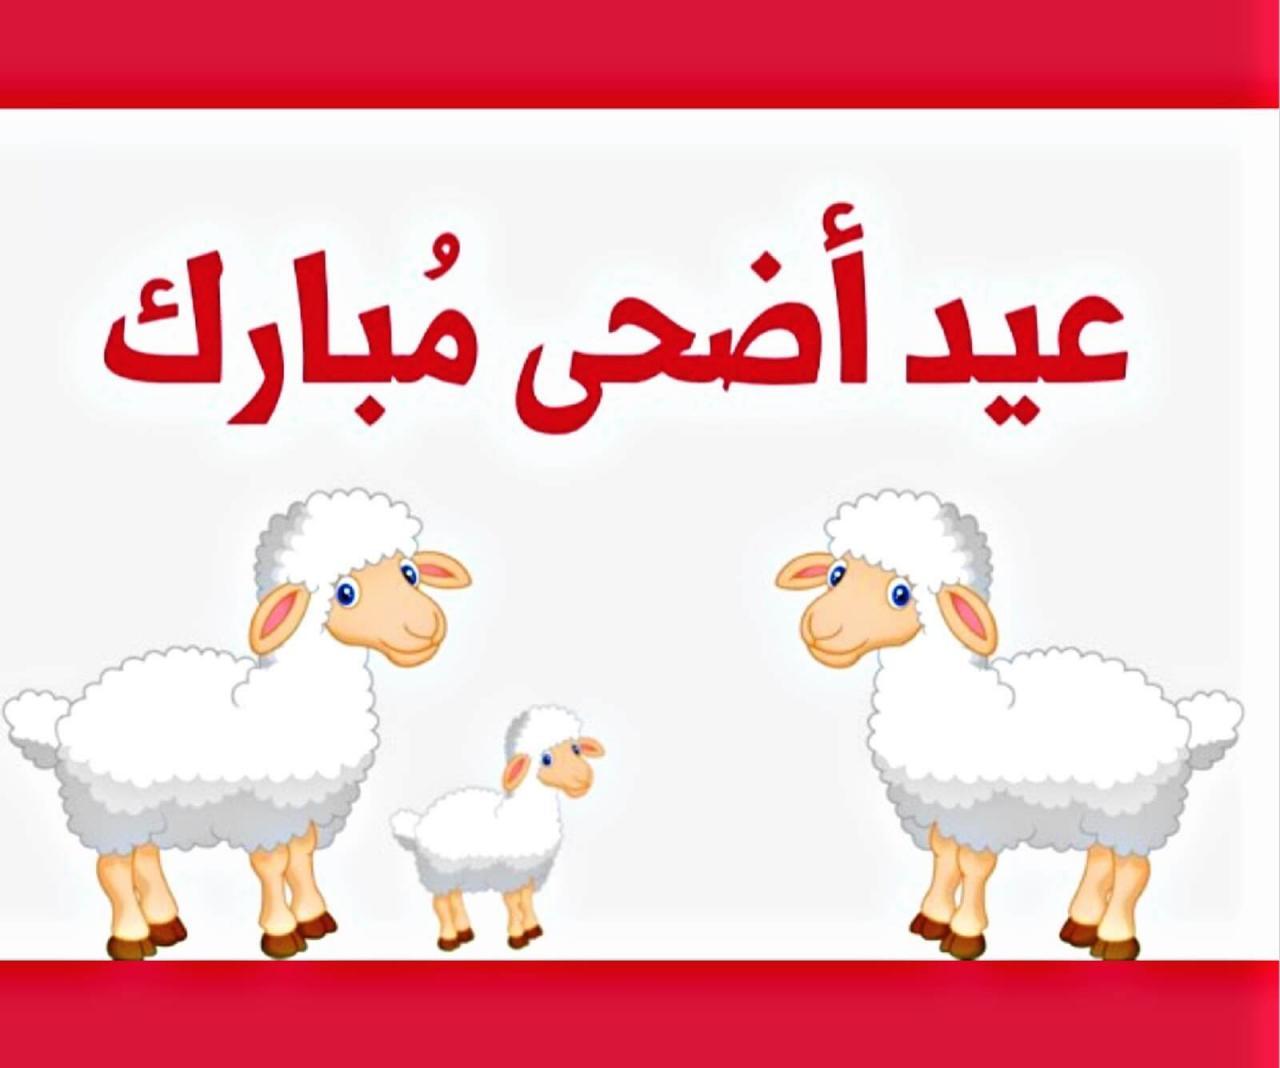 صورة رسالة تهنئة العيد , كلمات رقيقة مناسبة للعيد 2019